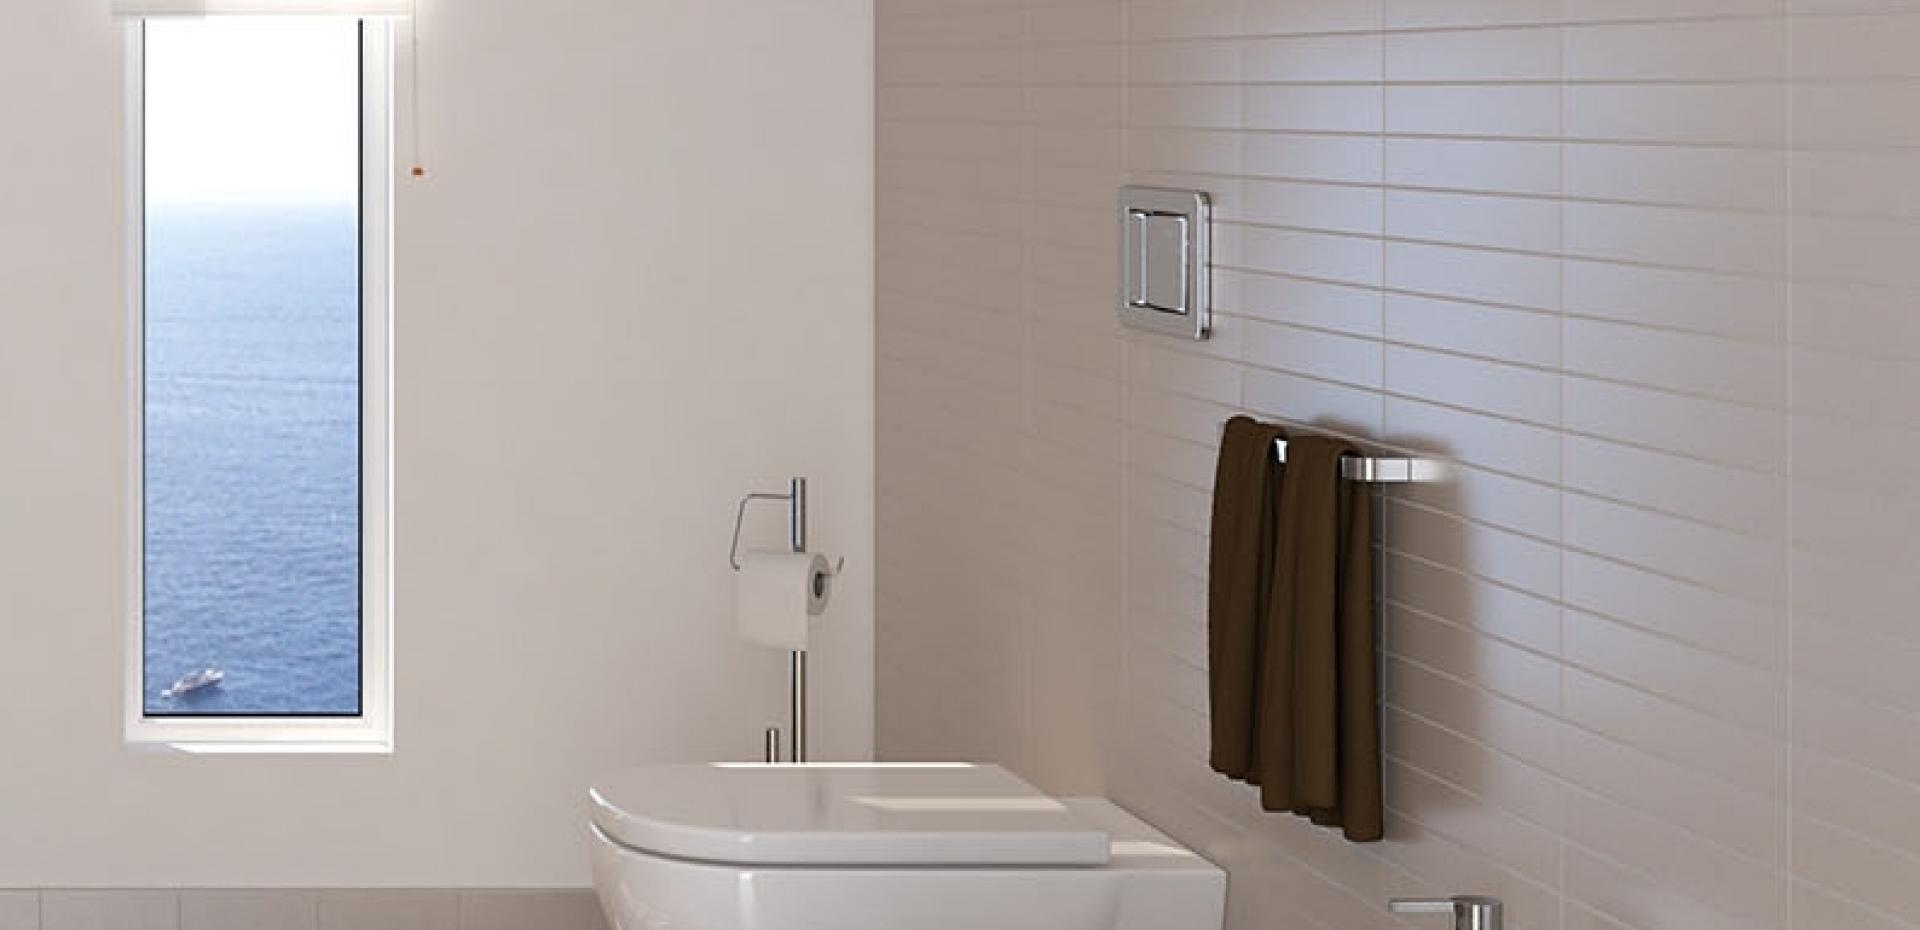 piastrelle Interni Vogue System piastrelle per bagno e